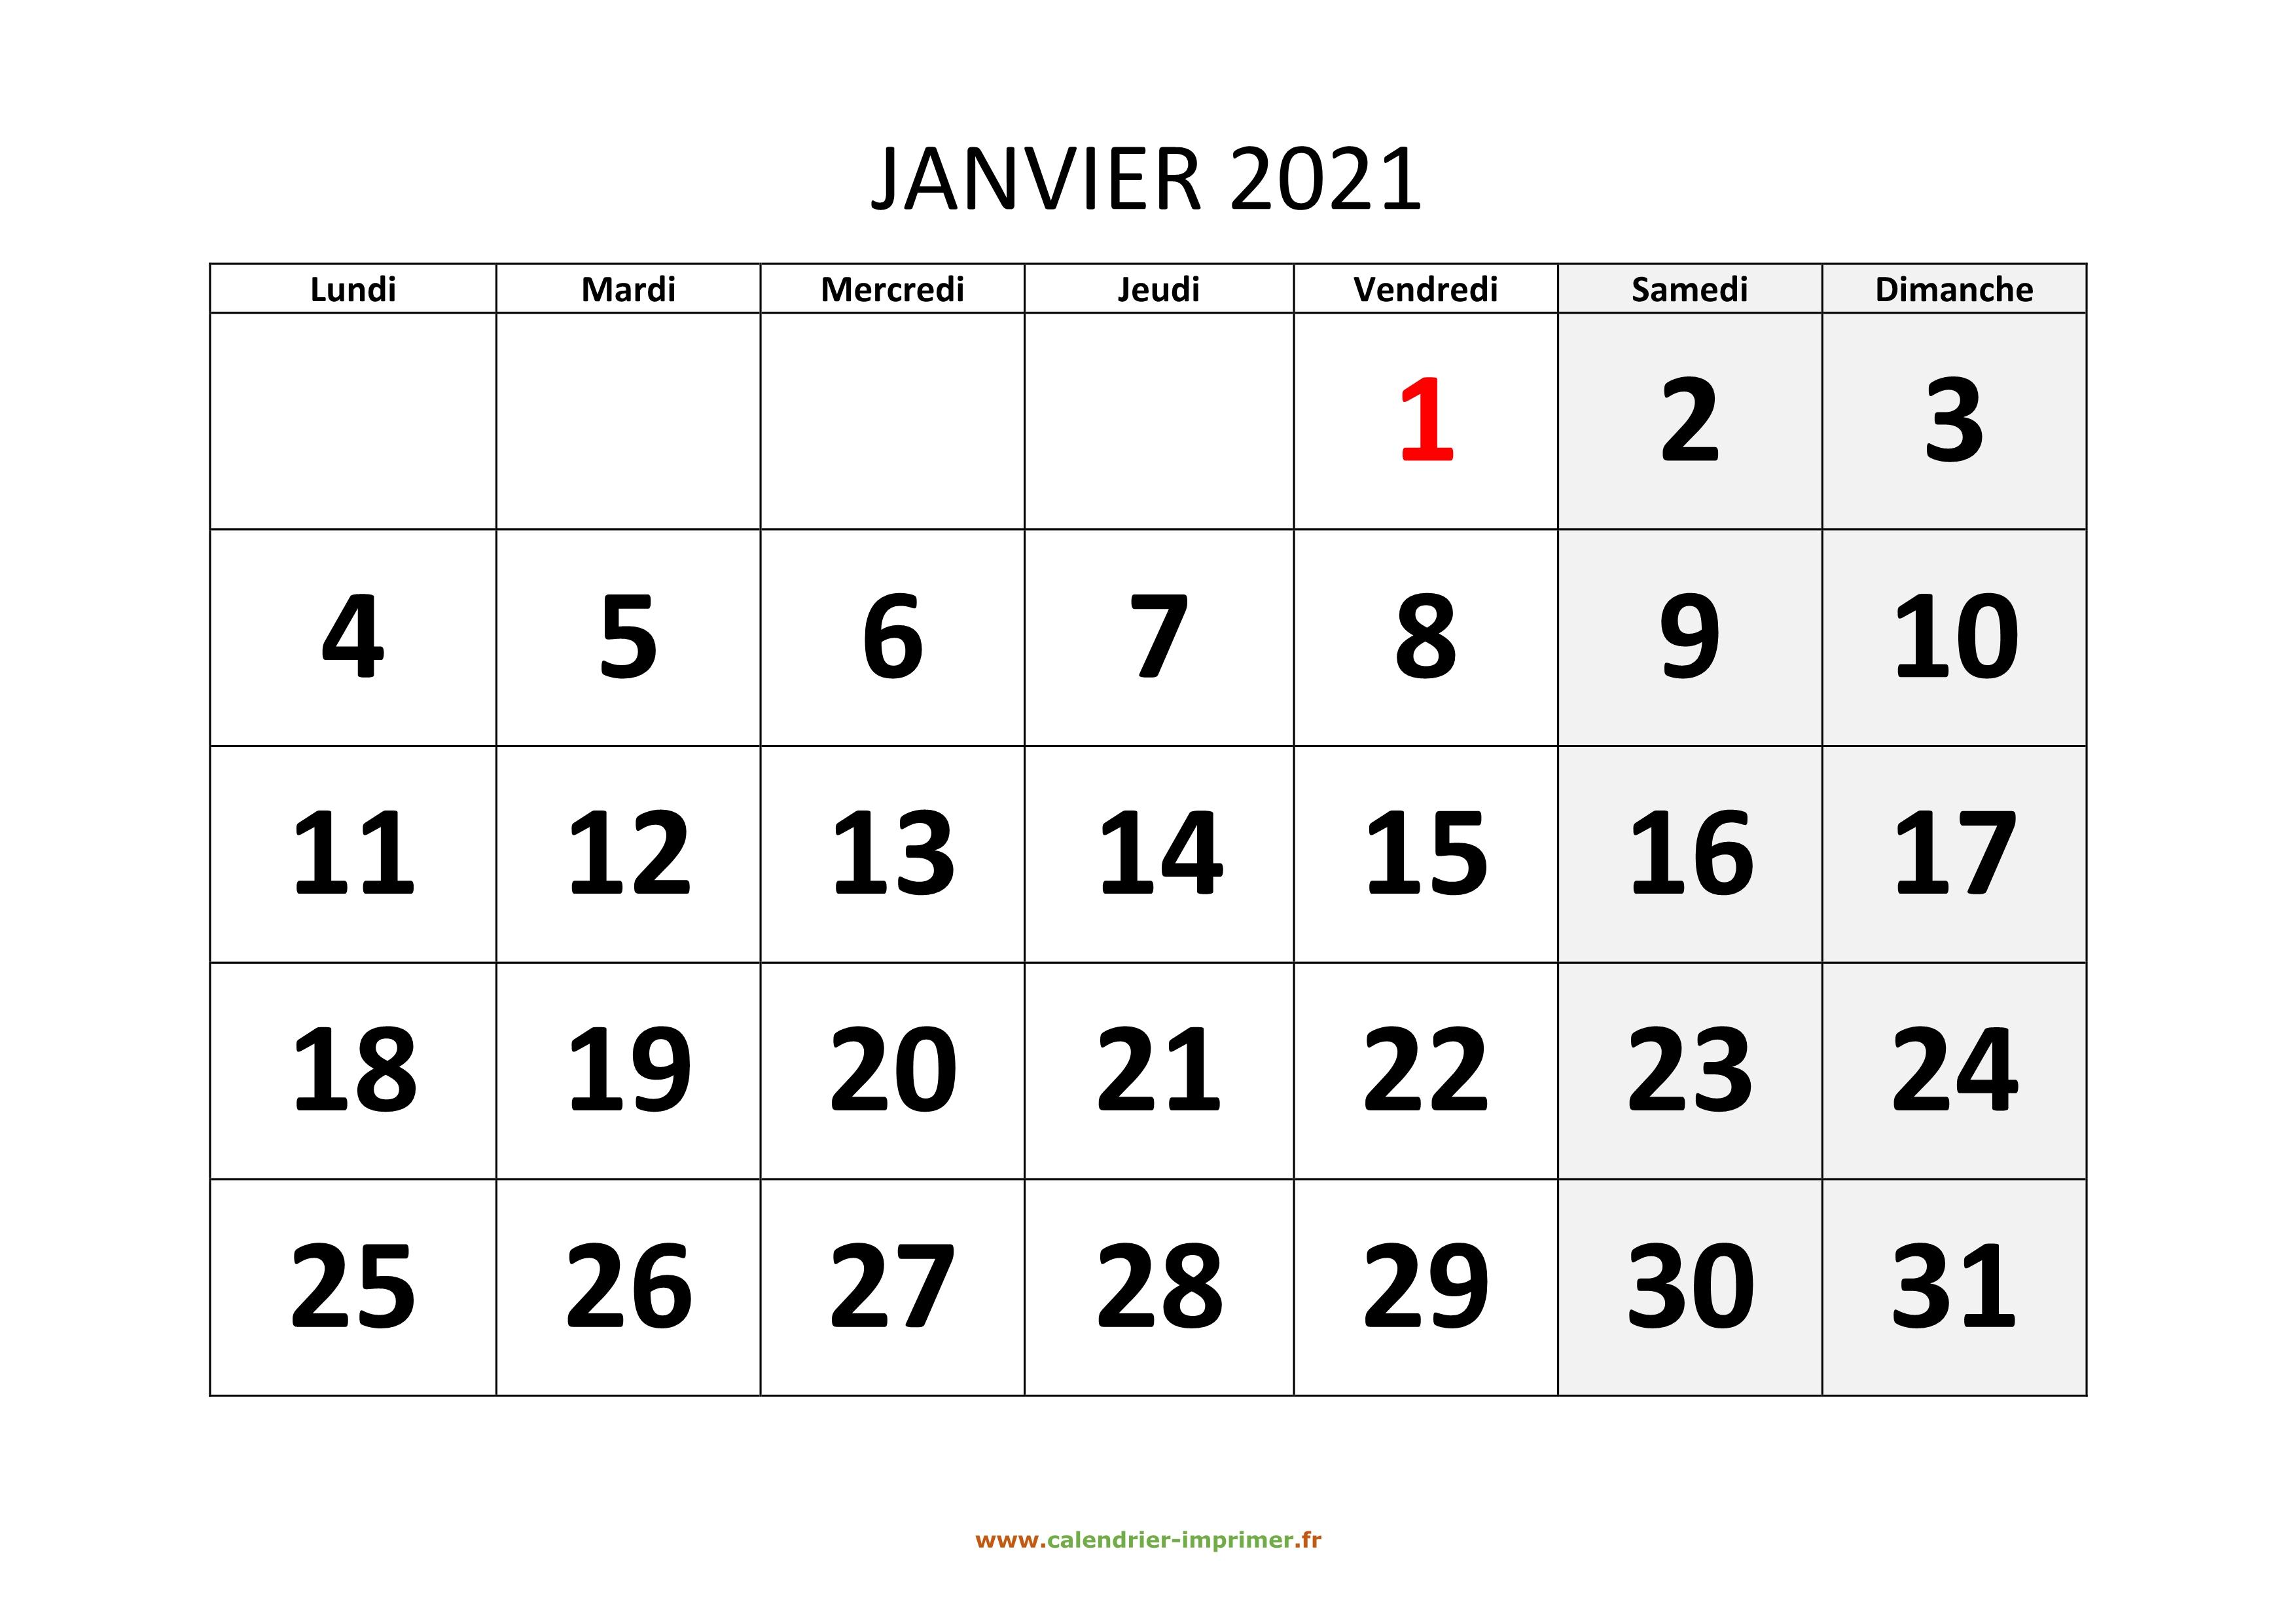 Calendrier 2021 Janvier Calendrier Janvier 2021 à imprimer